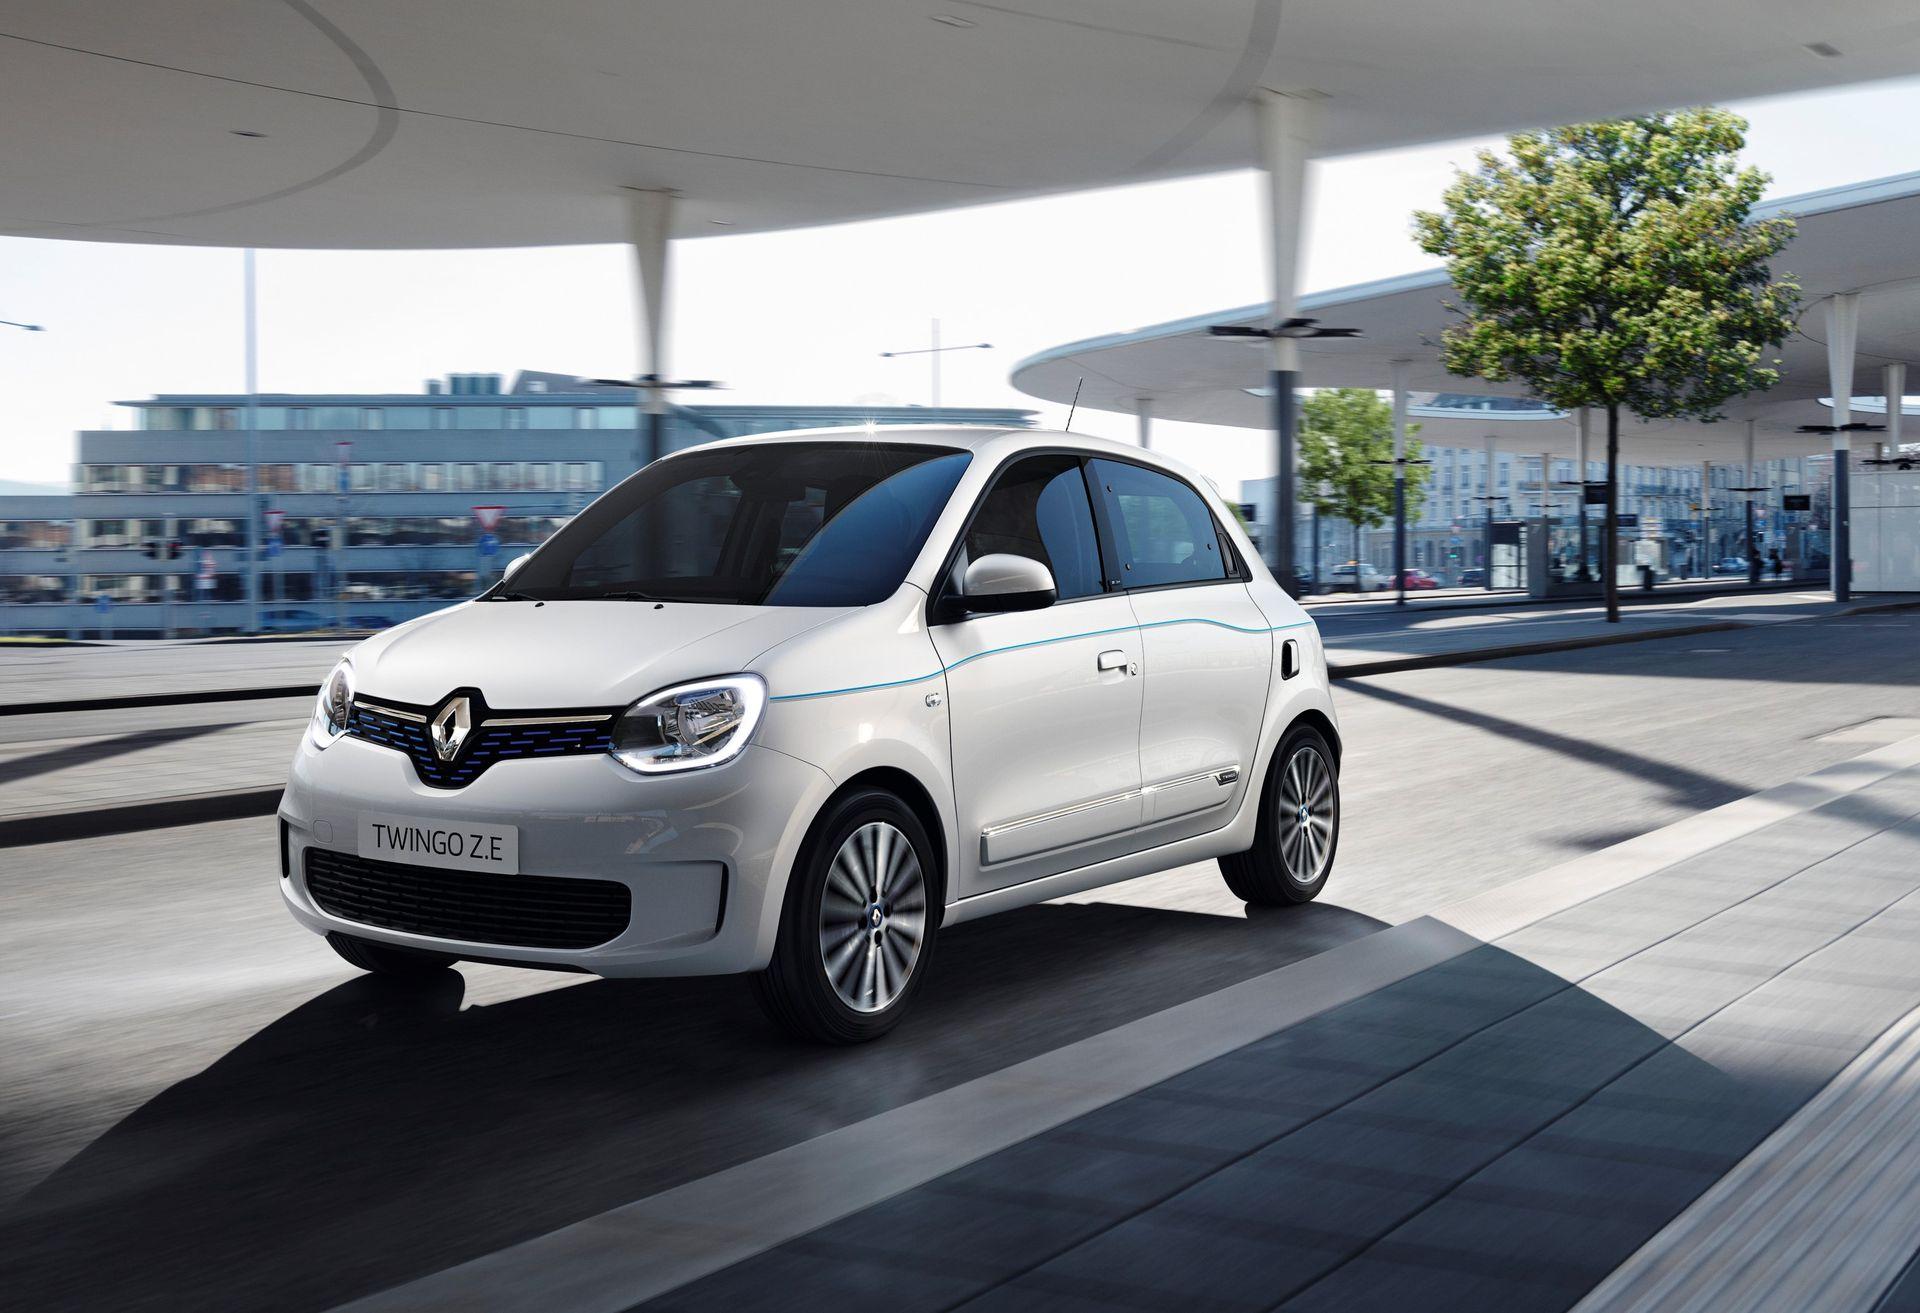 Renault_Twingo_ZE_electrique_2020_01